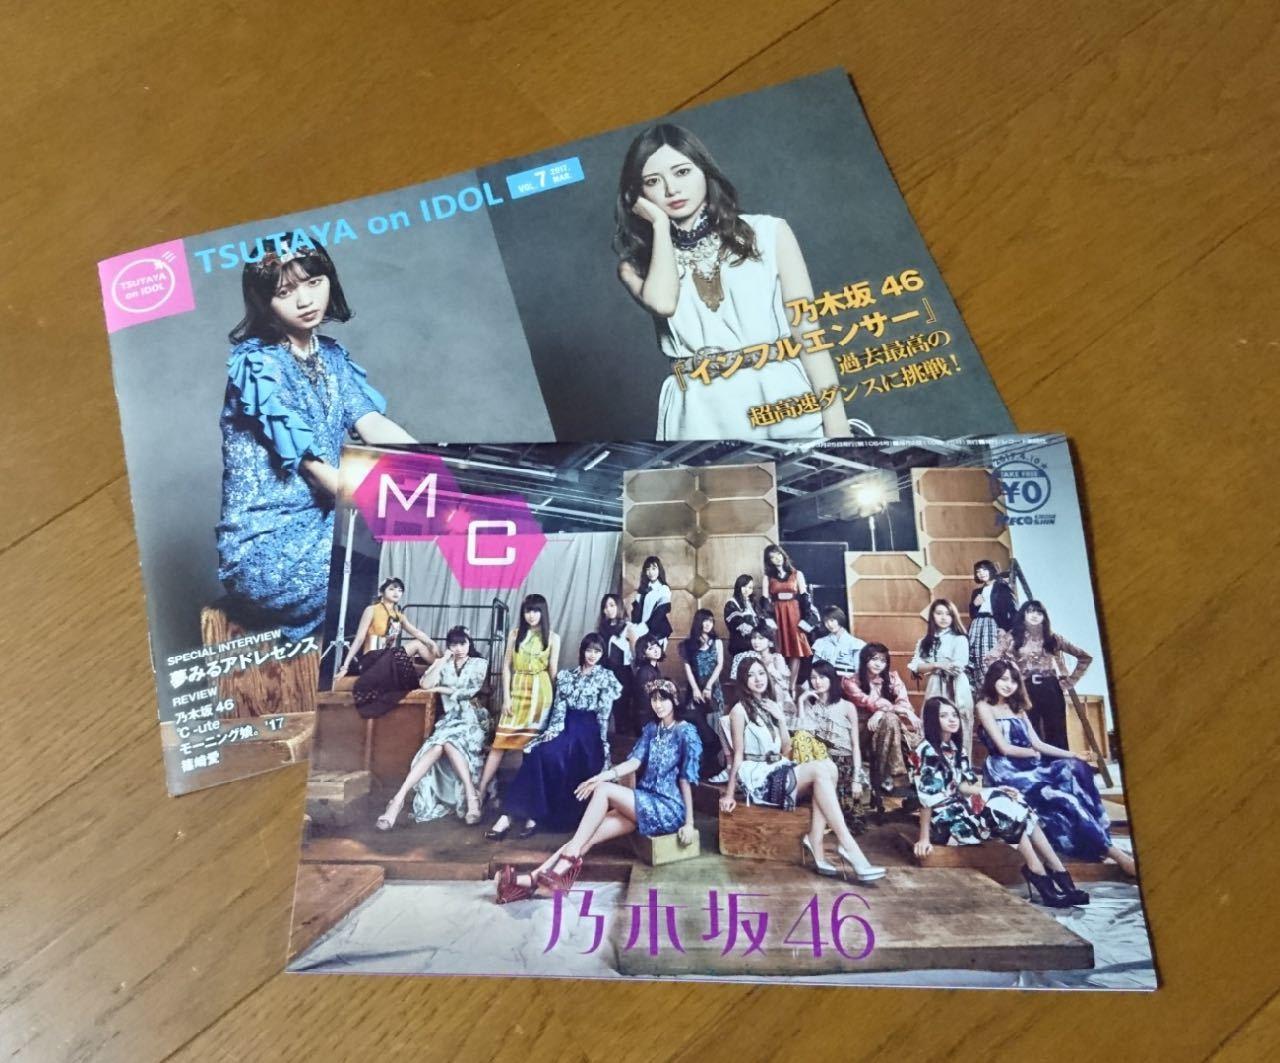 乃木坂46,インフルエンサー,mc,tsutaya,idol,20170330,インフルエンサー